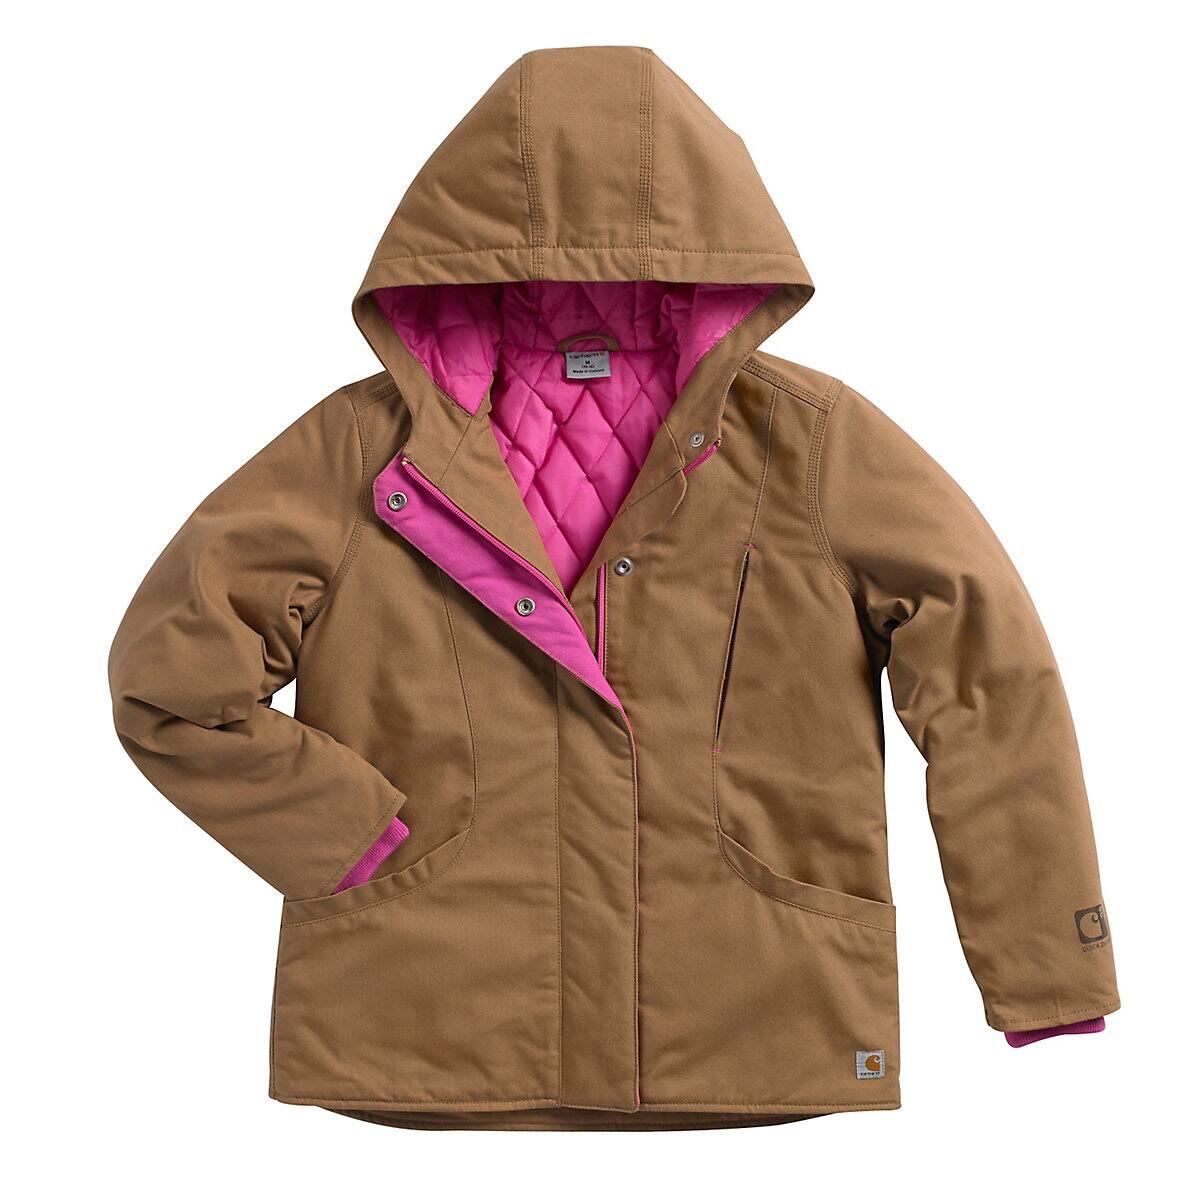 76bb5943f Girls' Girls' Quick Duck® Mountain View Jacket CP9501 | Carhartt